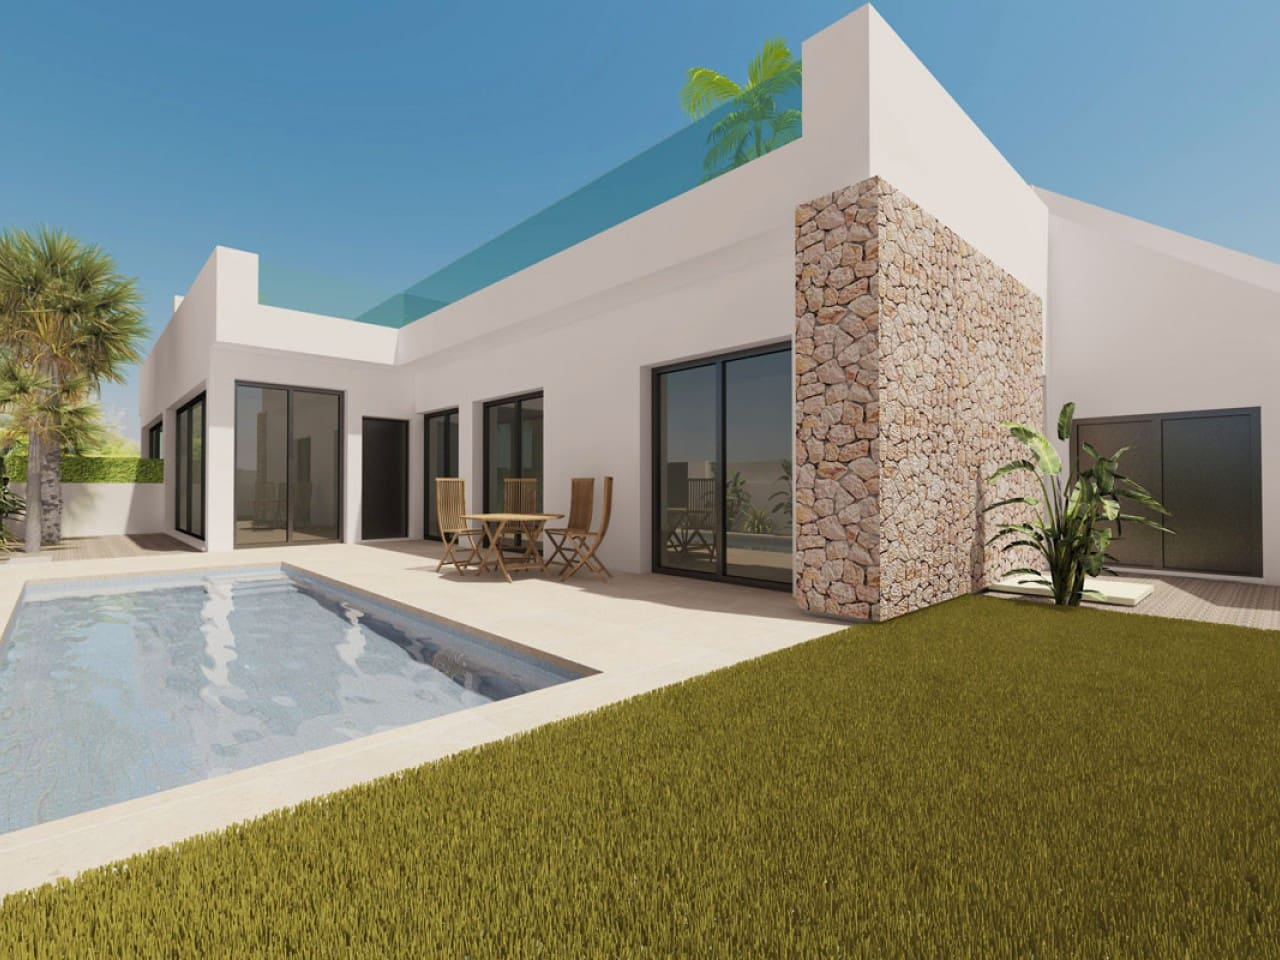 Chalet de 2 habitaciones en Pilar de la Horadada en venta con piscina - 204.900 € (Ref: 4982790)